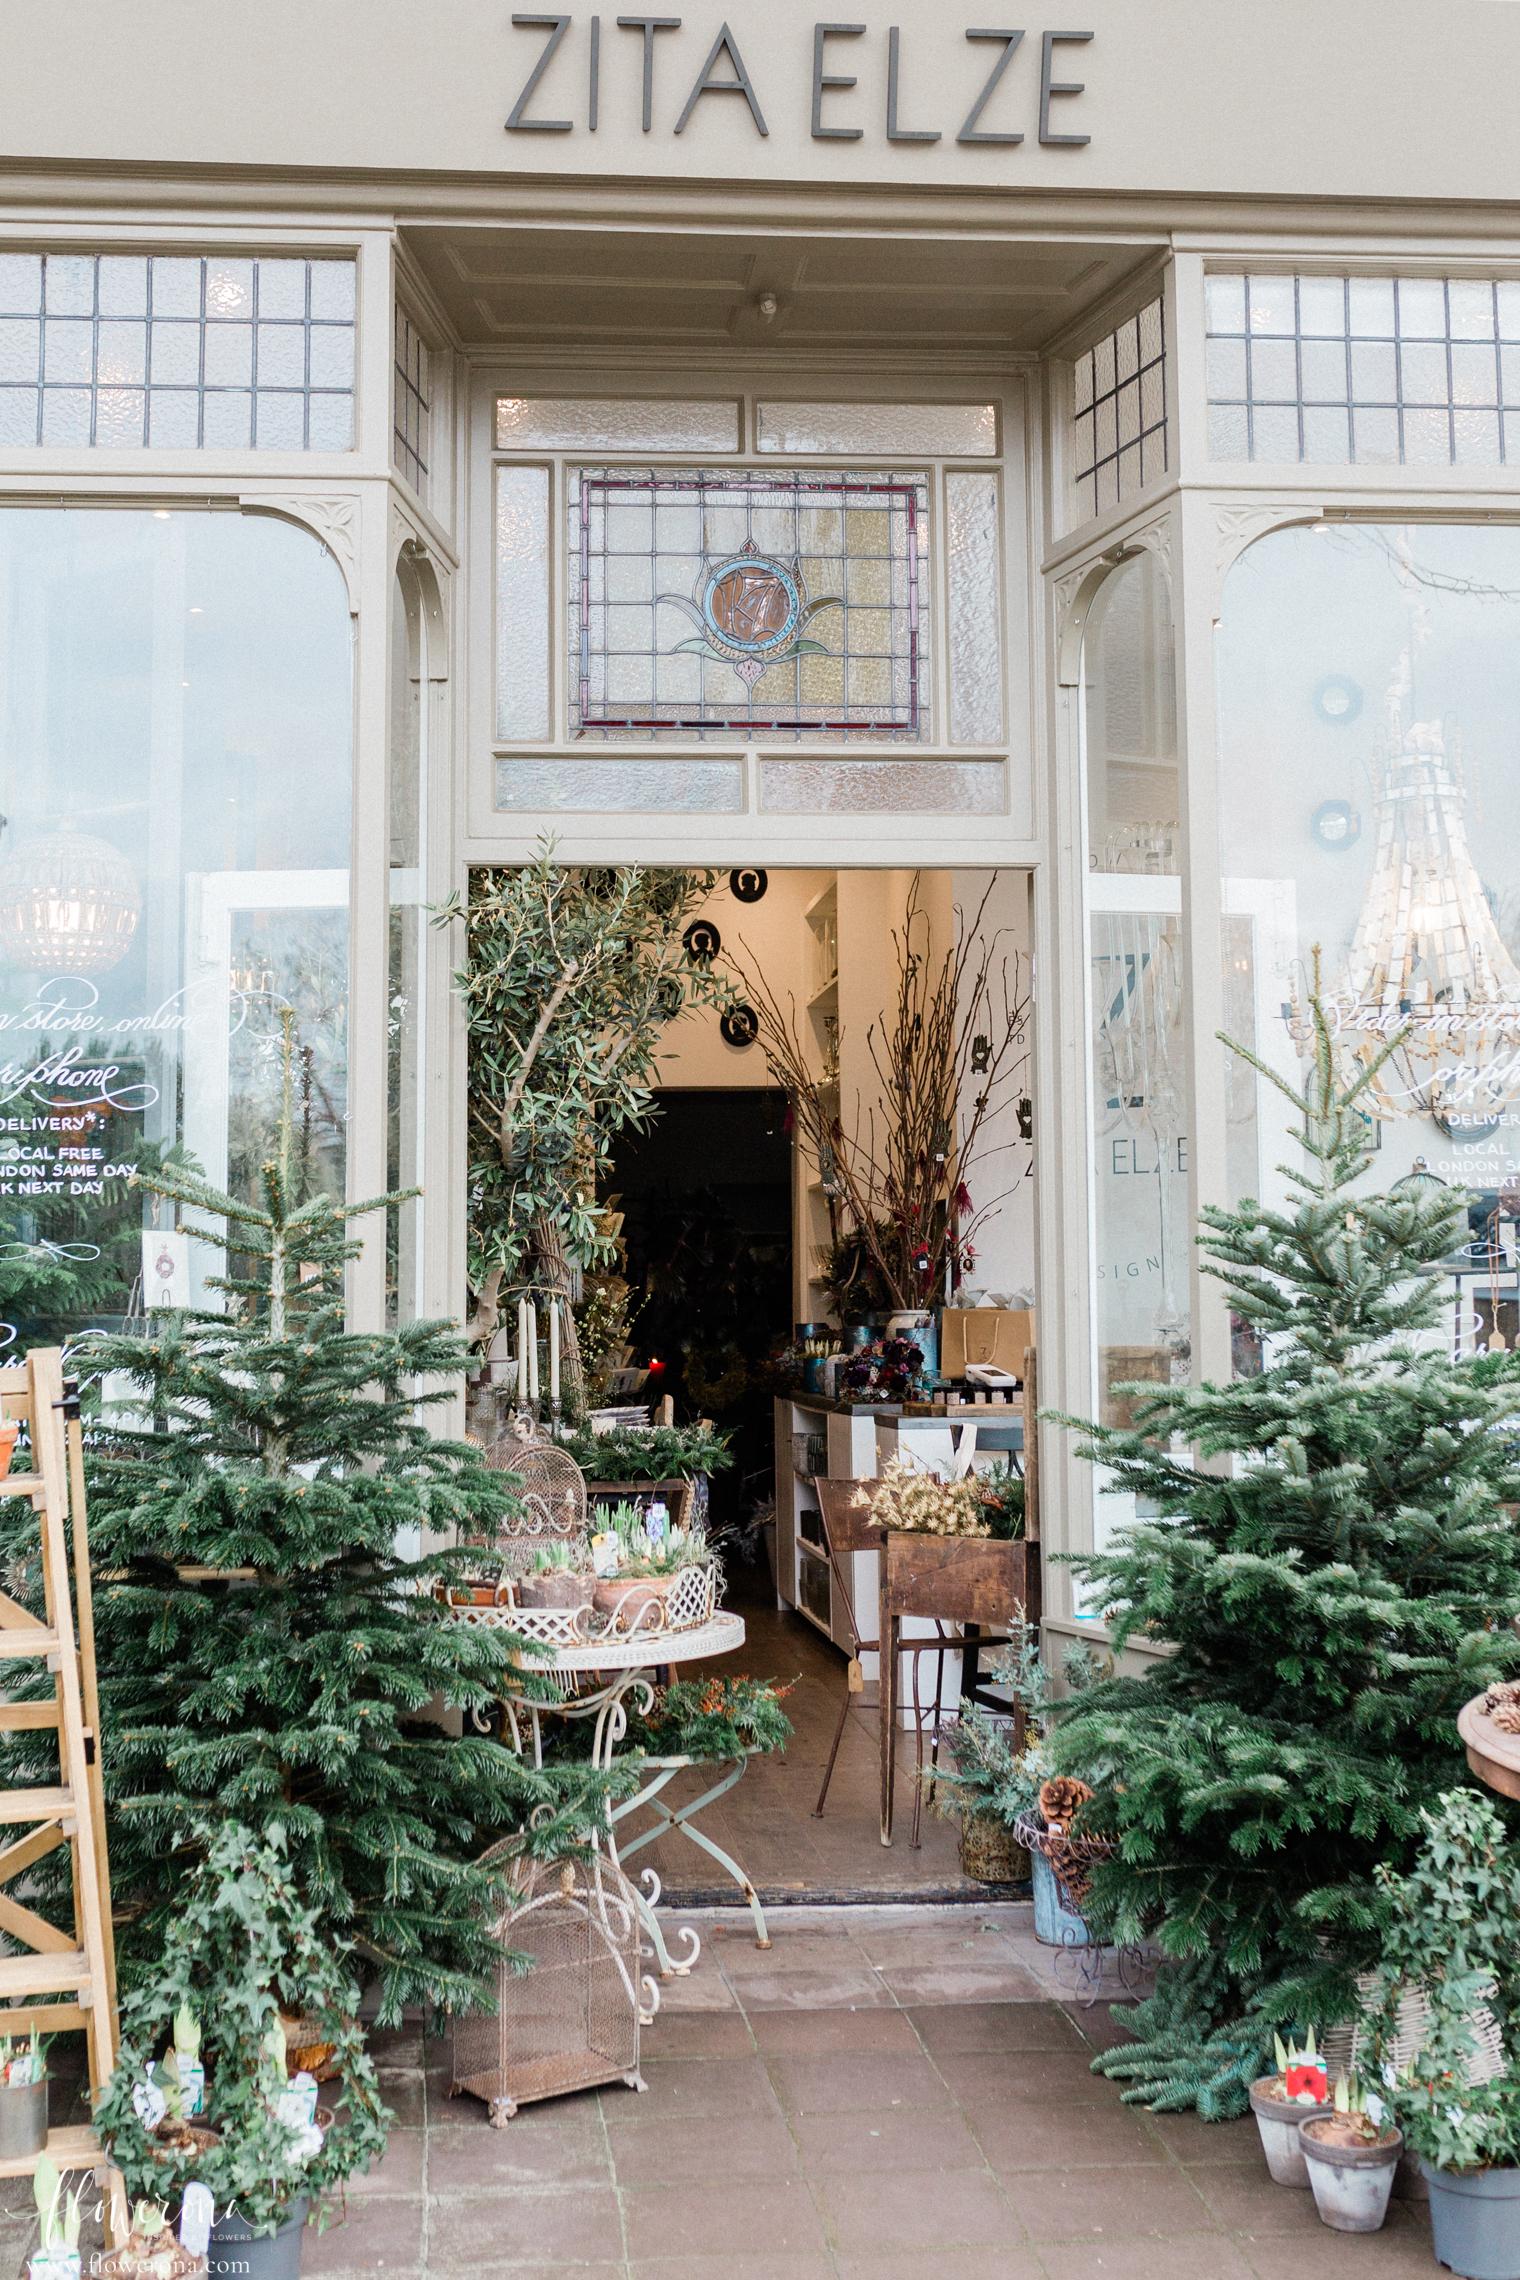 Zita Elze's flower shop in South West London